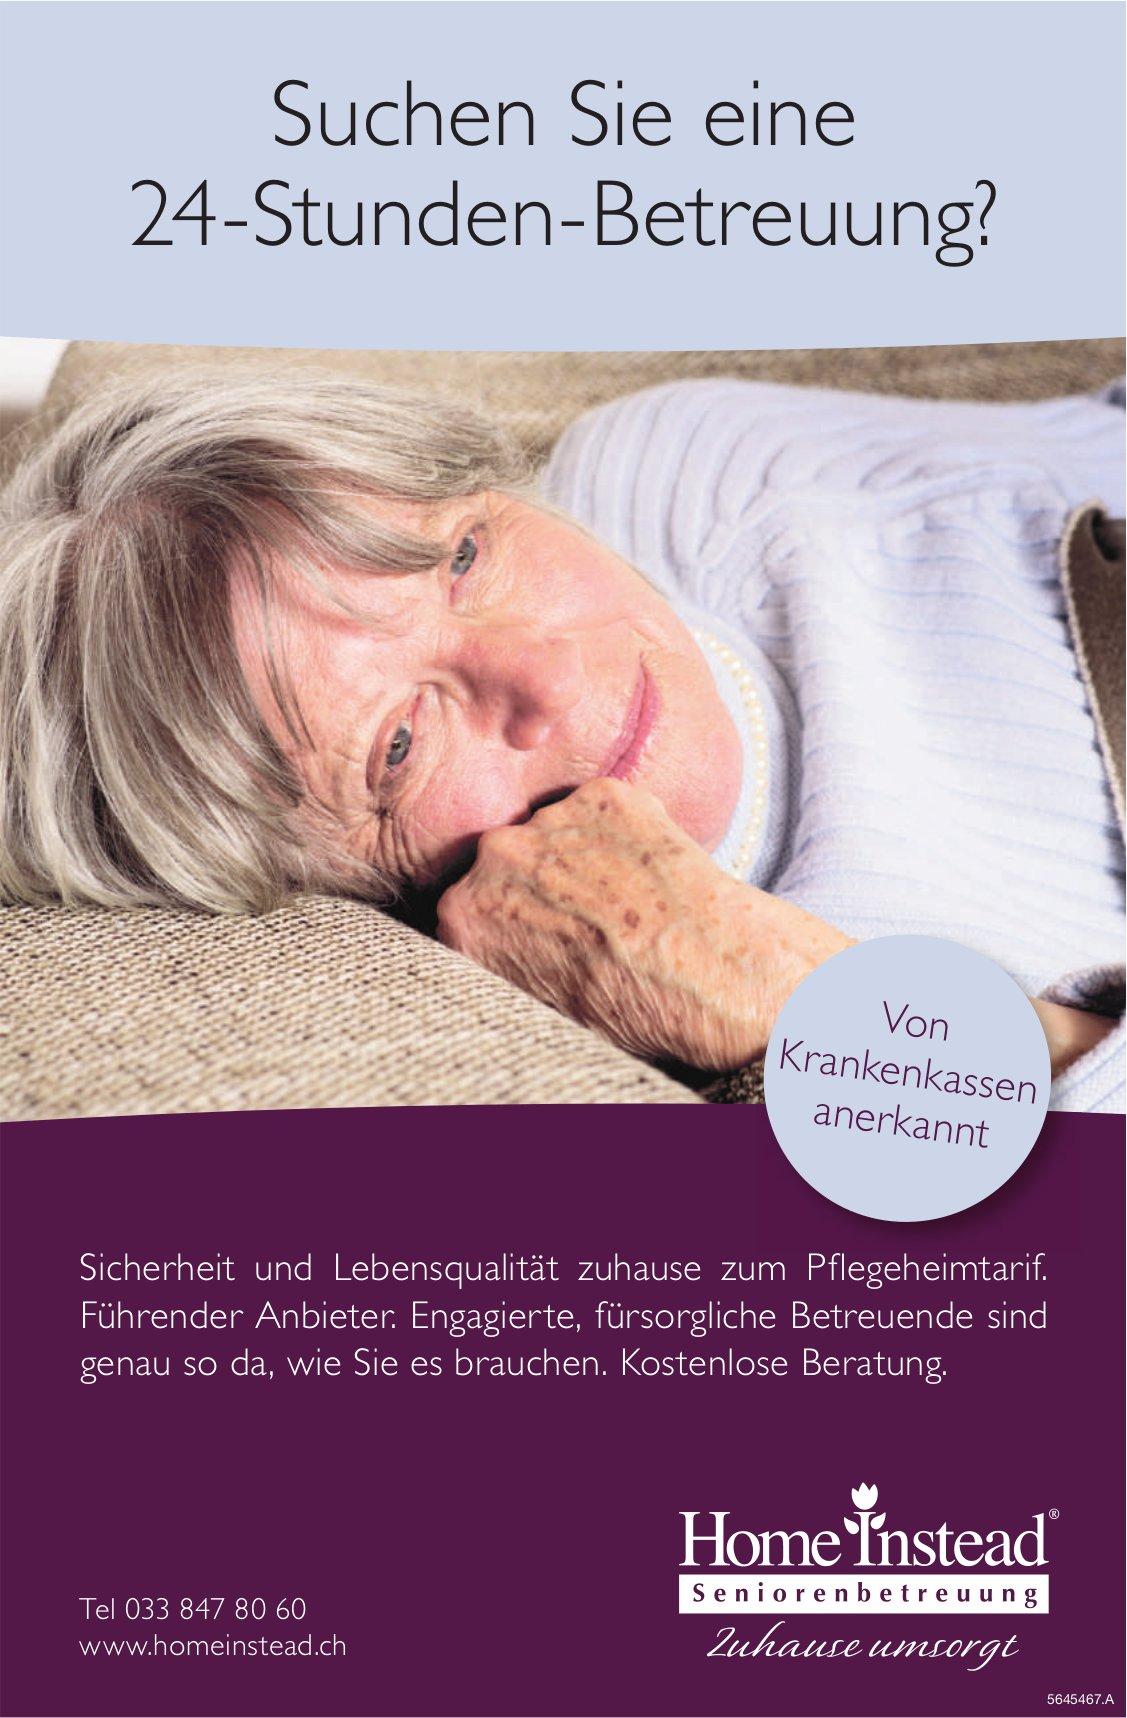 Home Instead Seniorenbetreuung - Suchen Sie eine 24-Stunden-Betreuung?